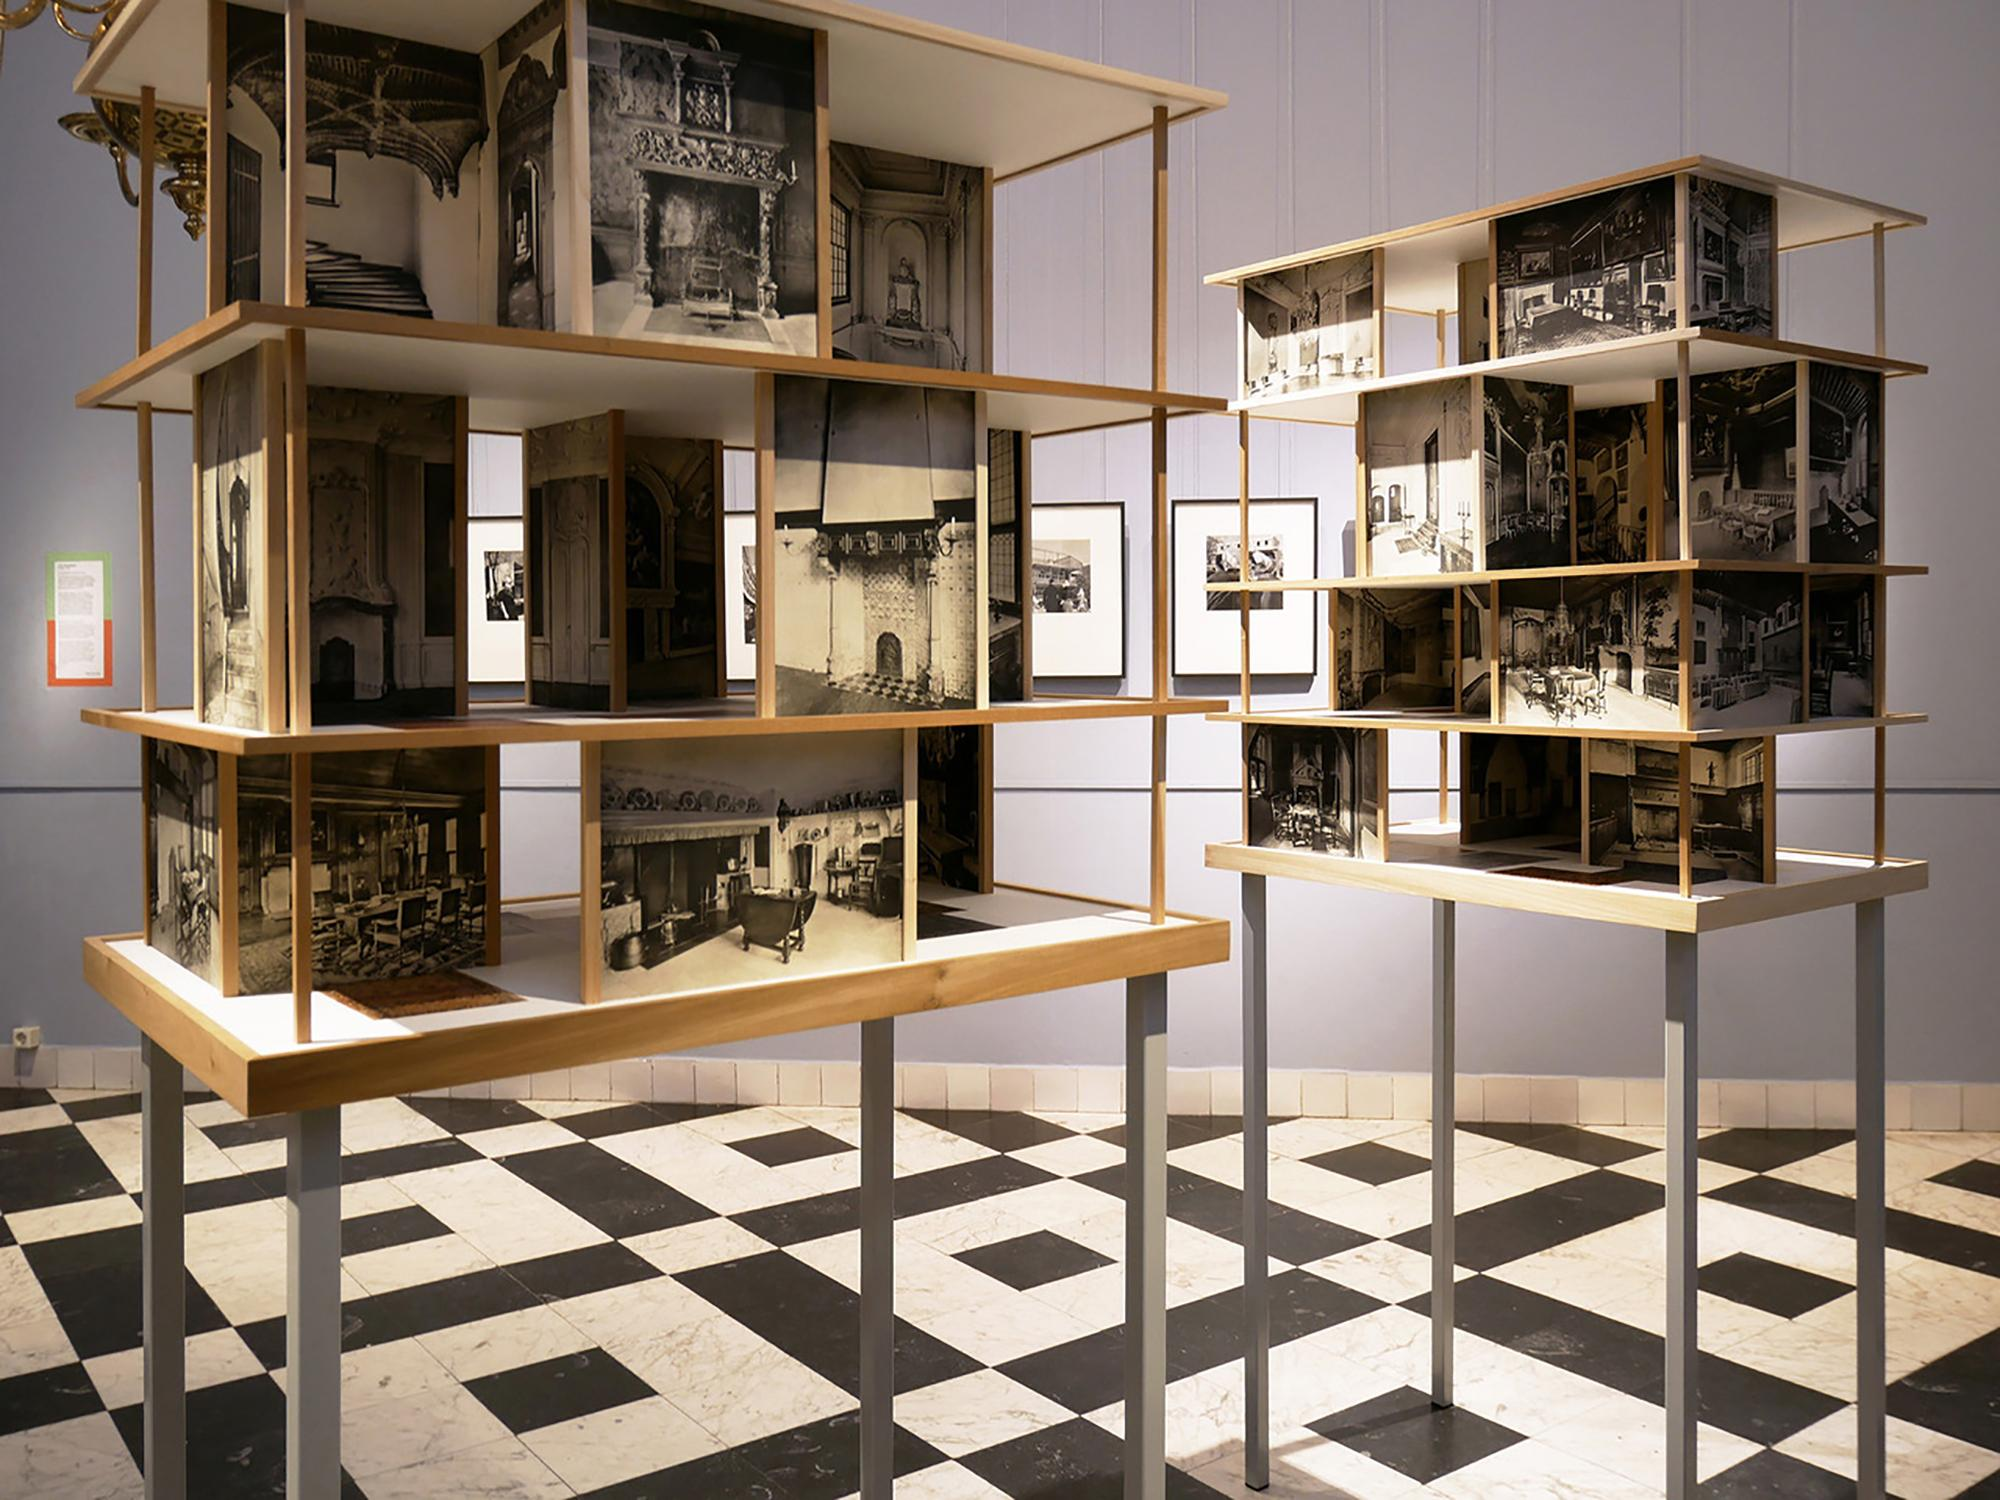 Poppenhuizen Luuk Wilmering in één ruimte met historisch poppenhuis Sarah Rothe in Frans Hals Museum 'zet de boel op scherp'